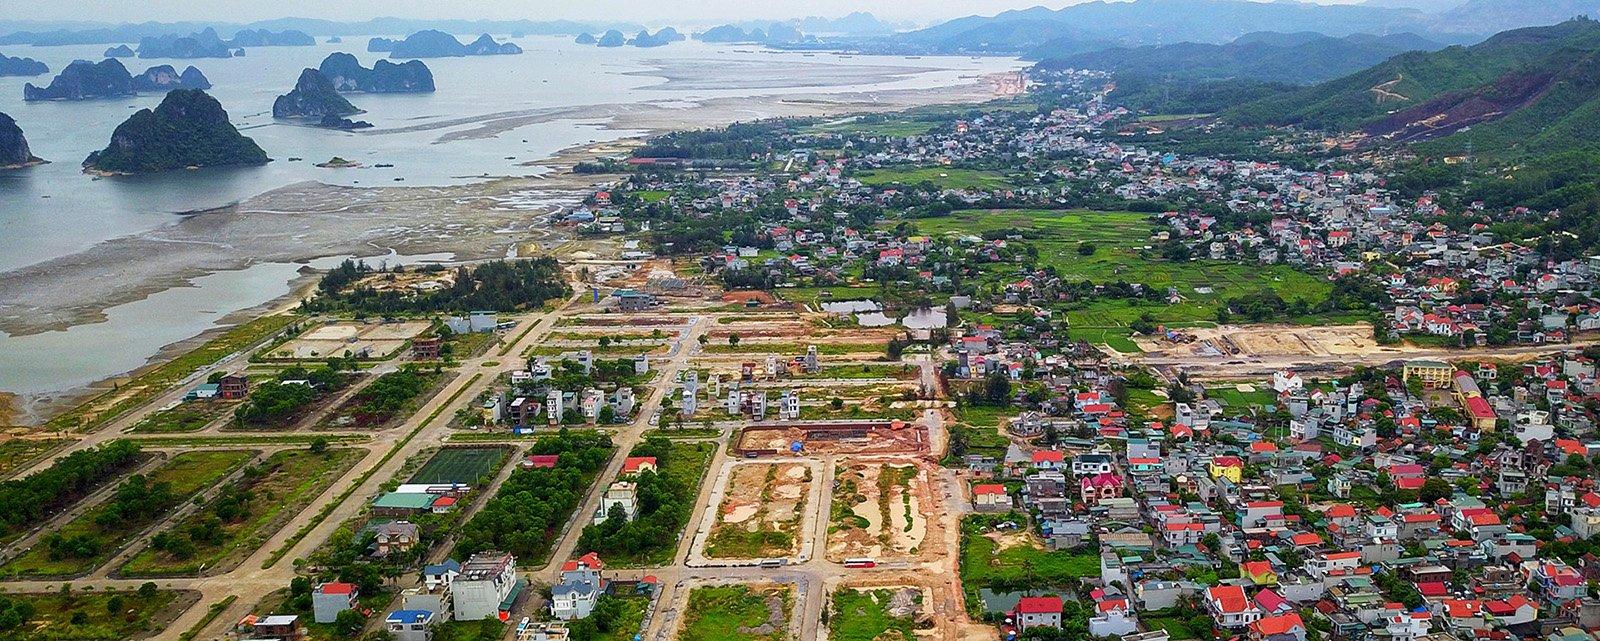 THONG-NHAT-VAN-DON